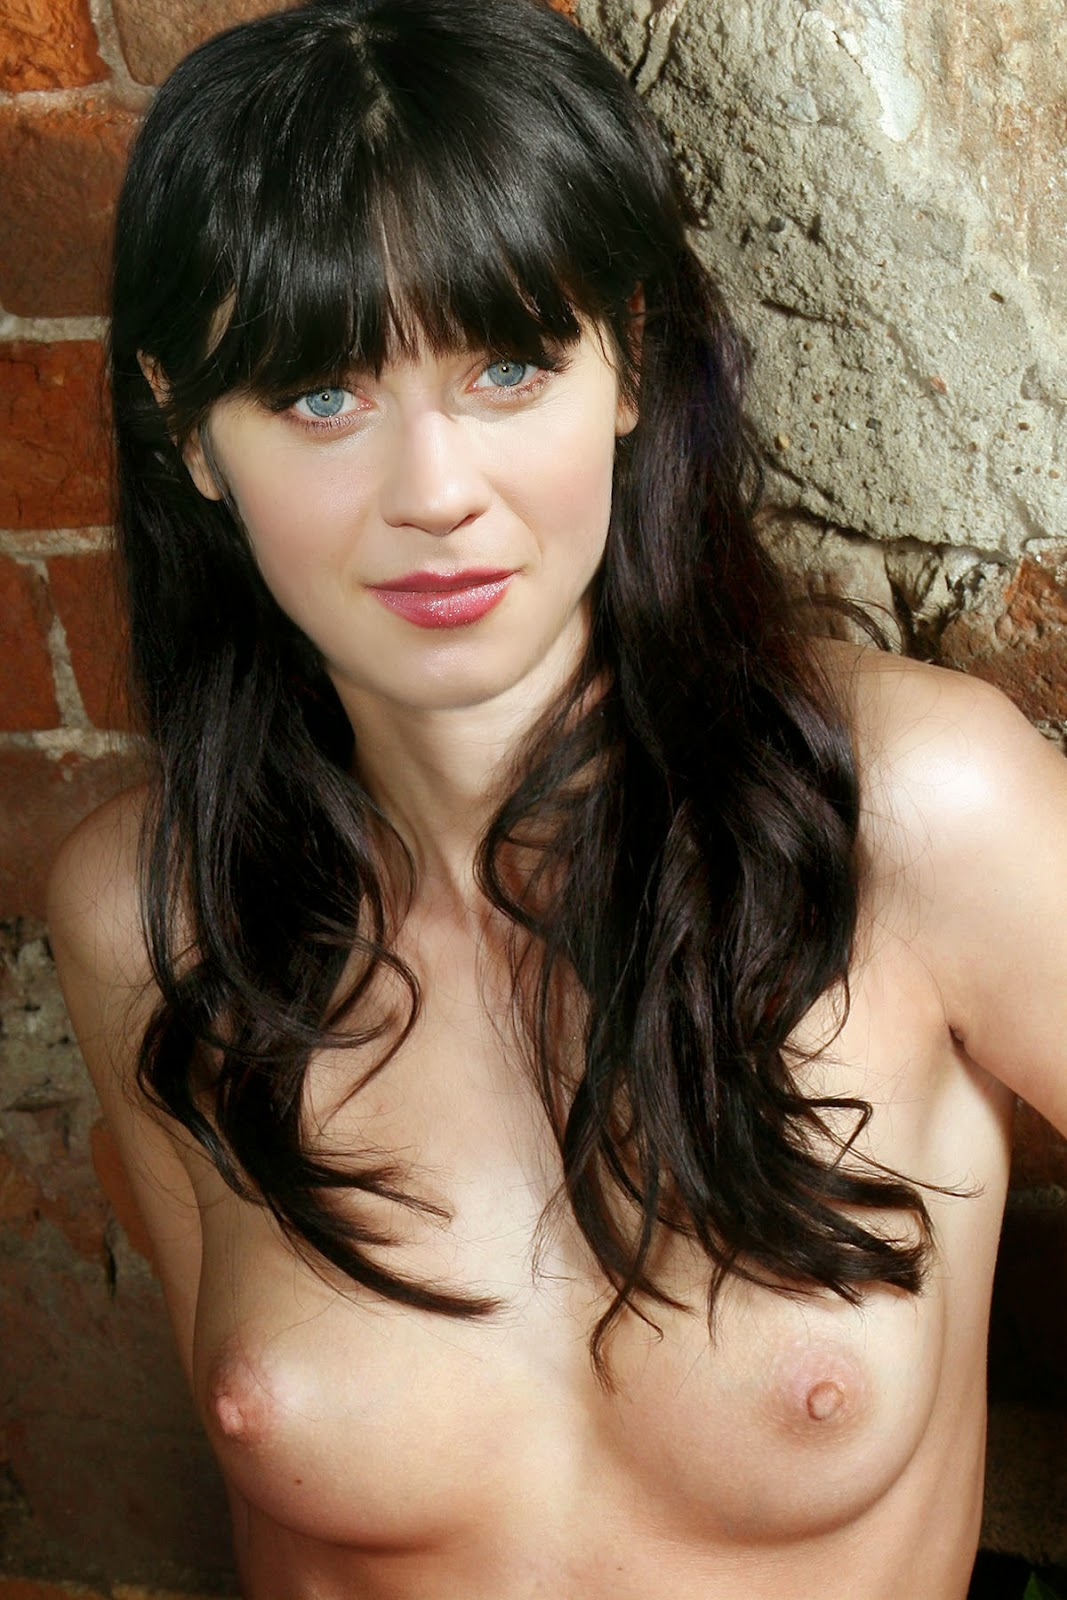 meg ryan nude films famous australian women nude